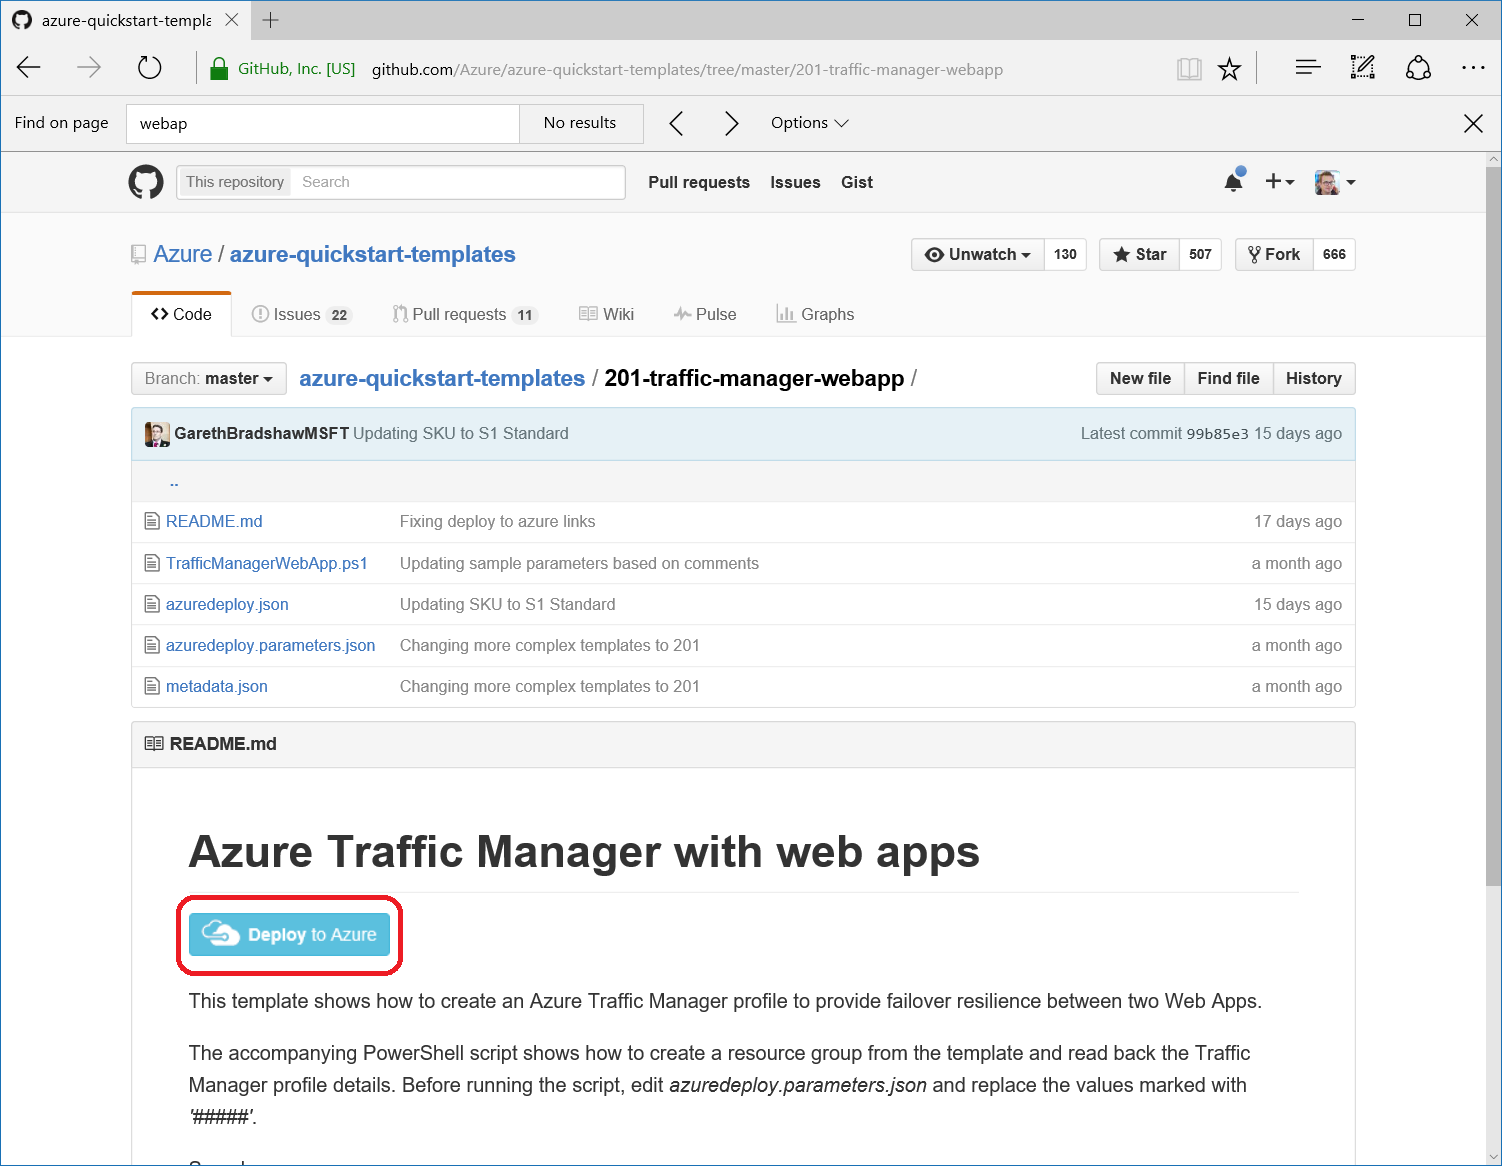 Как мы внедряли DevOps: инфраструктура-как-код с помощью Microsoft Azure и Azure Resource Manager - 4